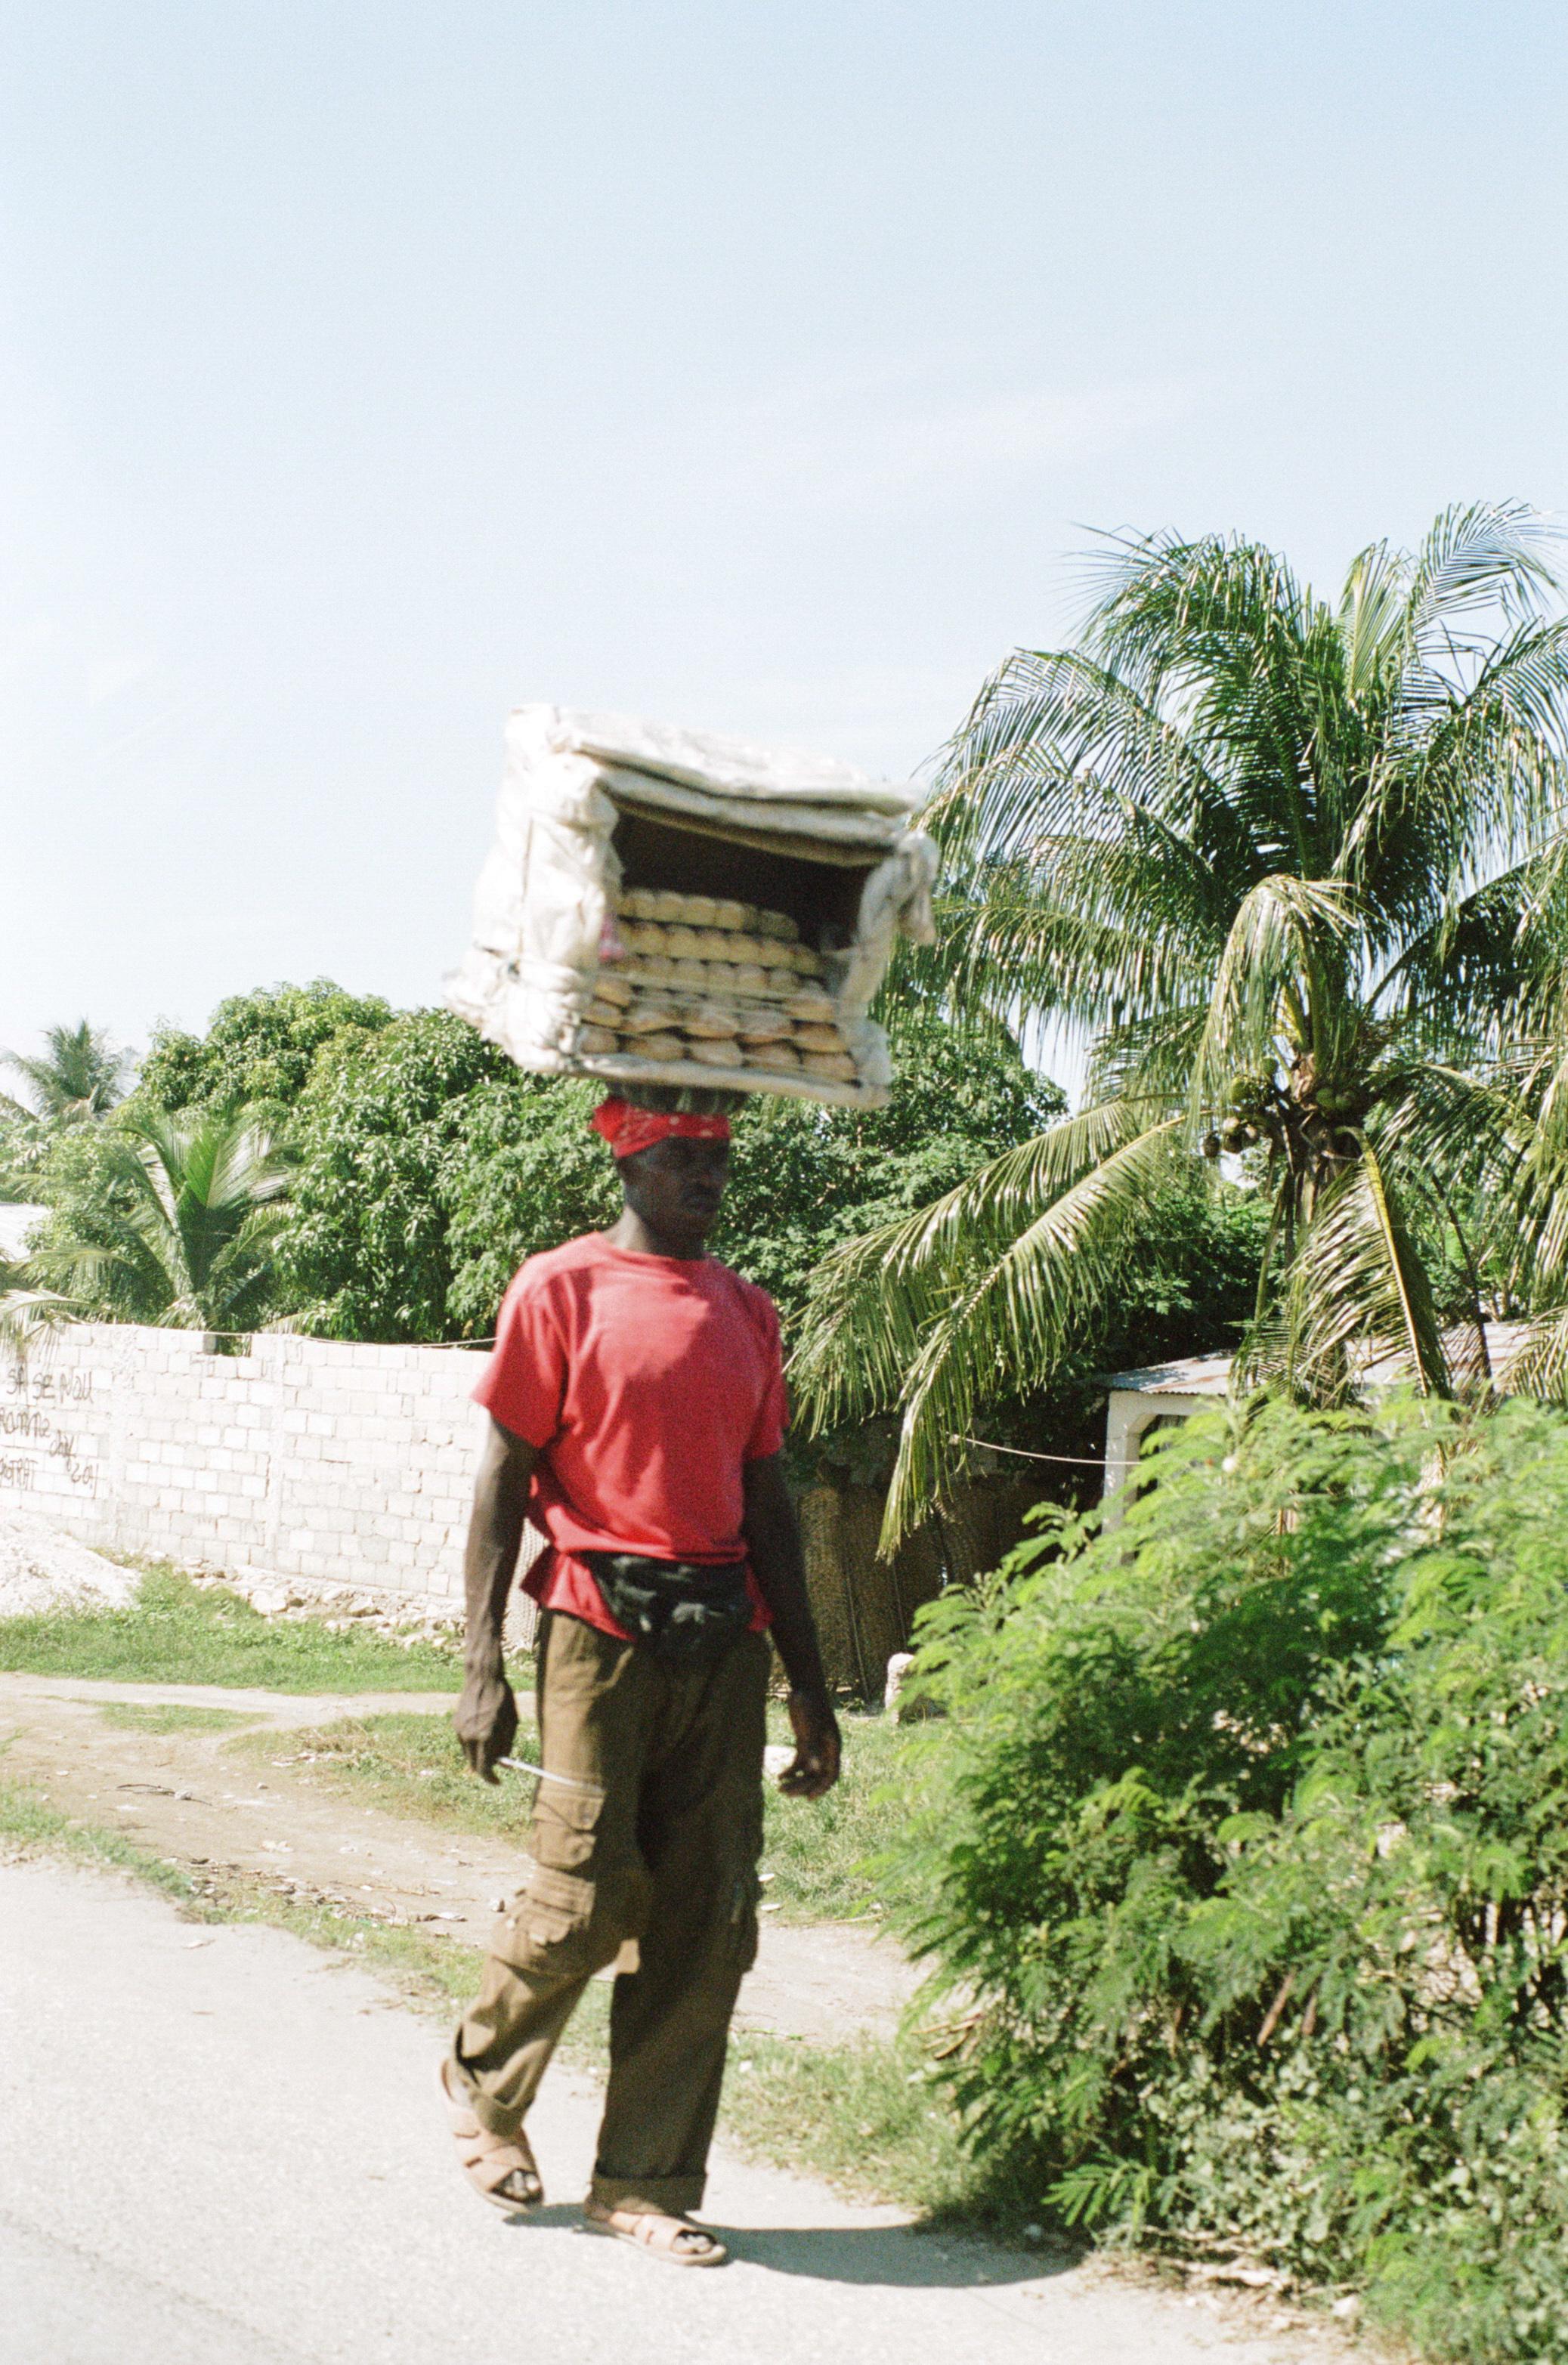 haiti087-759806020006.jpg